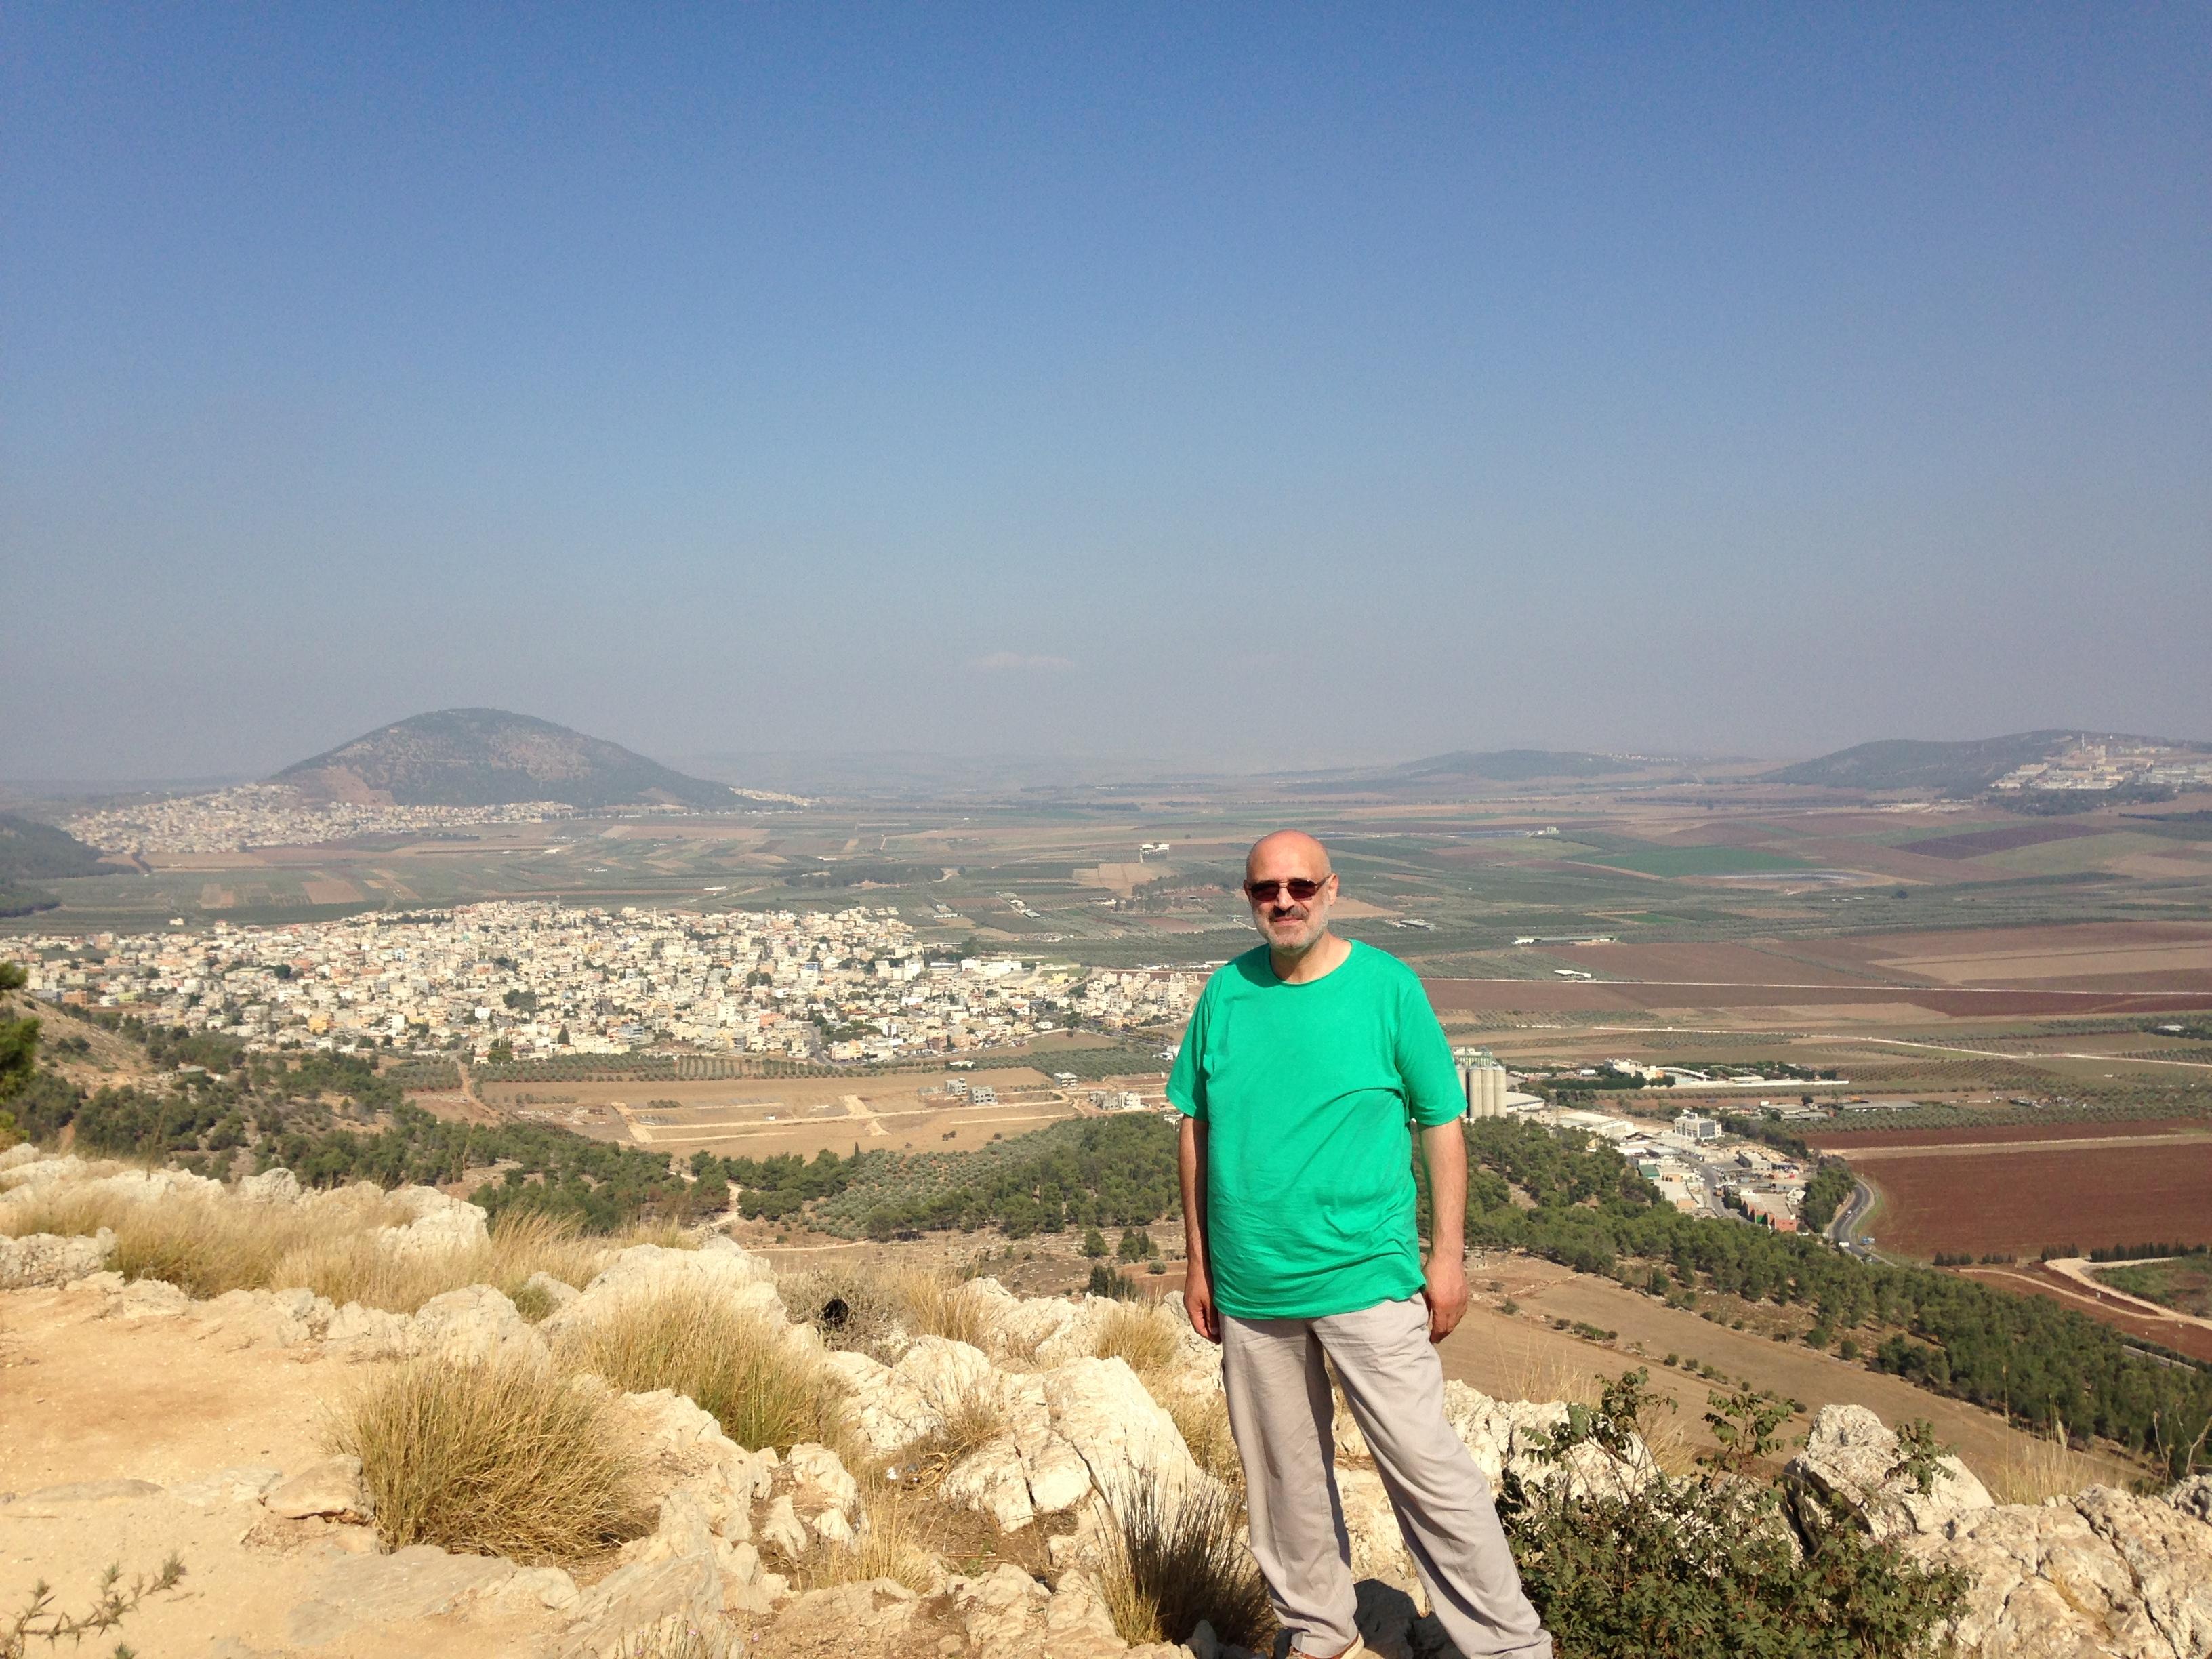 مرج إبن عامر وجبل الطور